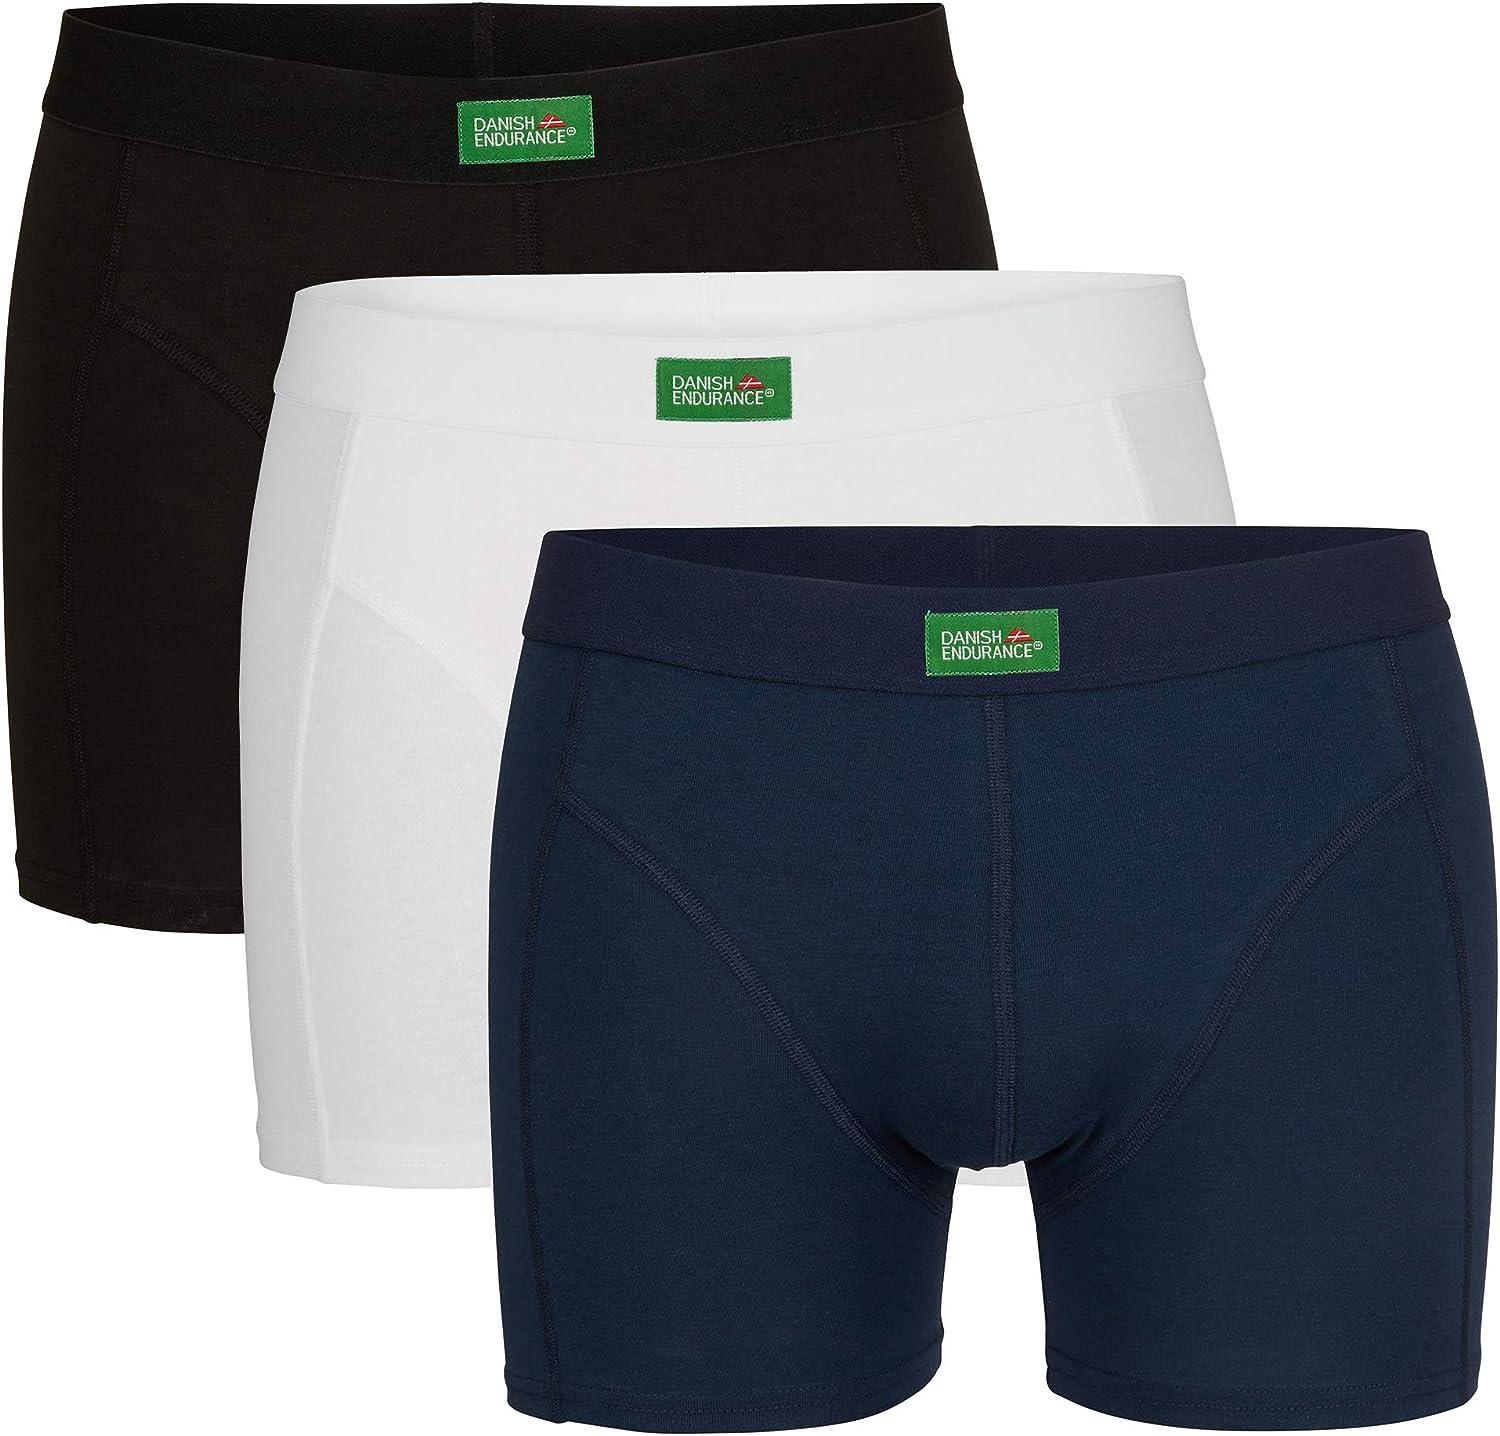 Intimo Mutande Uomo 3 Pack DANISH ENDURANCE Boxer da Uomo in Cotone Biologico Elasticizzato Nero Bianco Blu